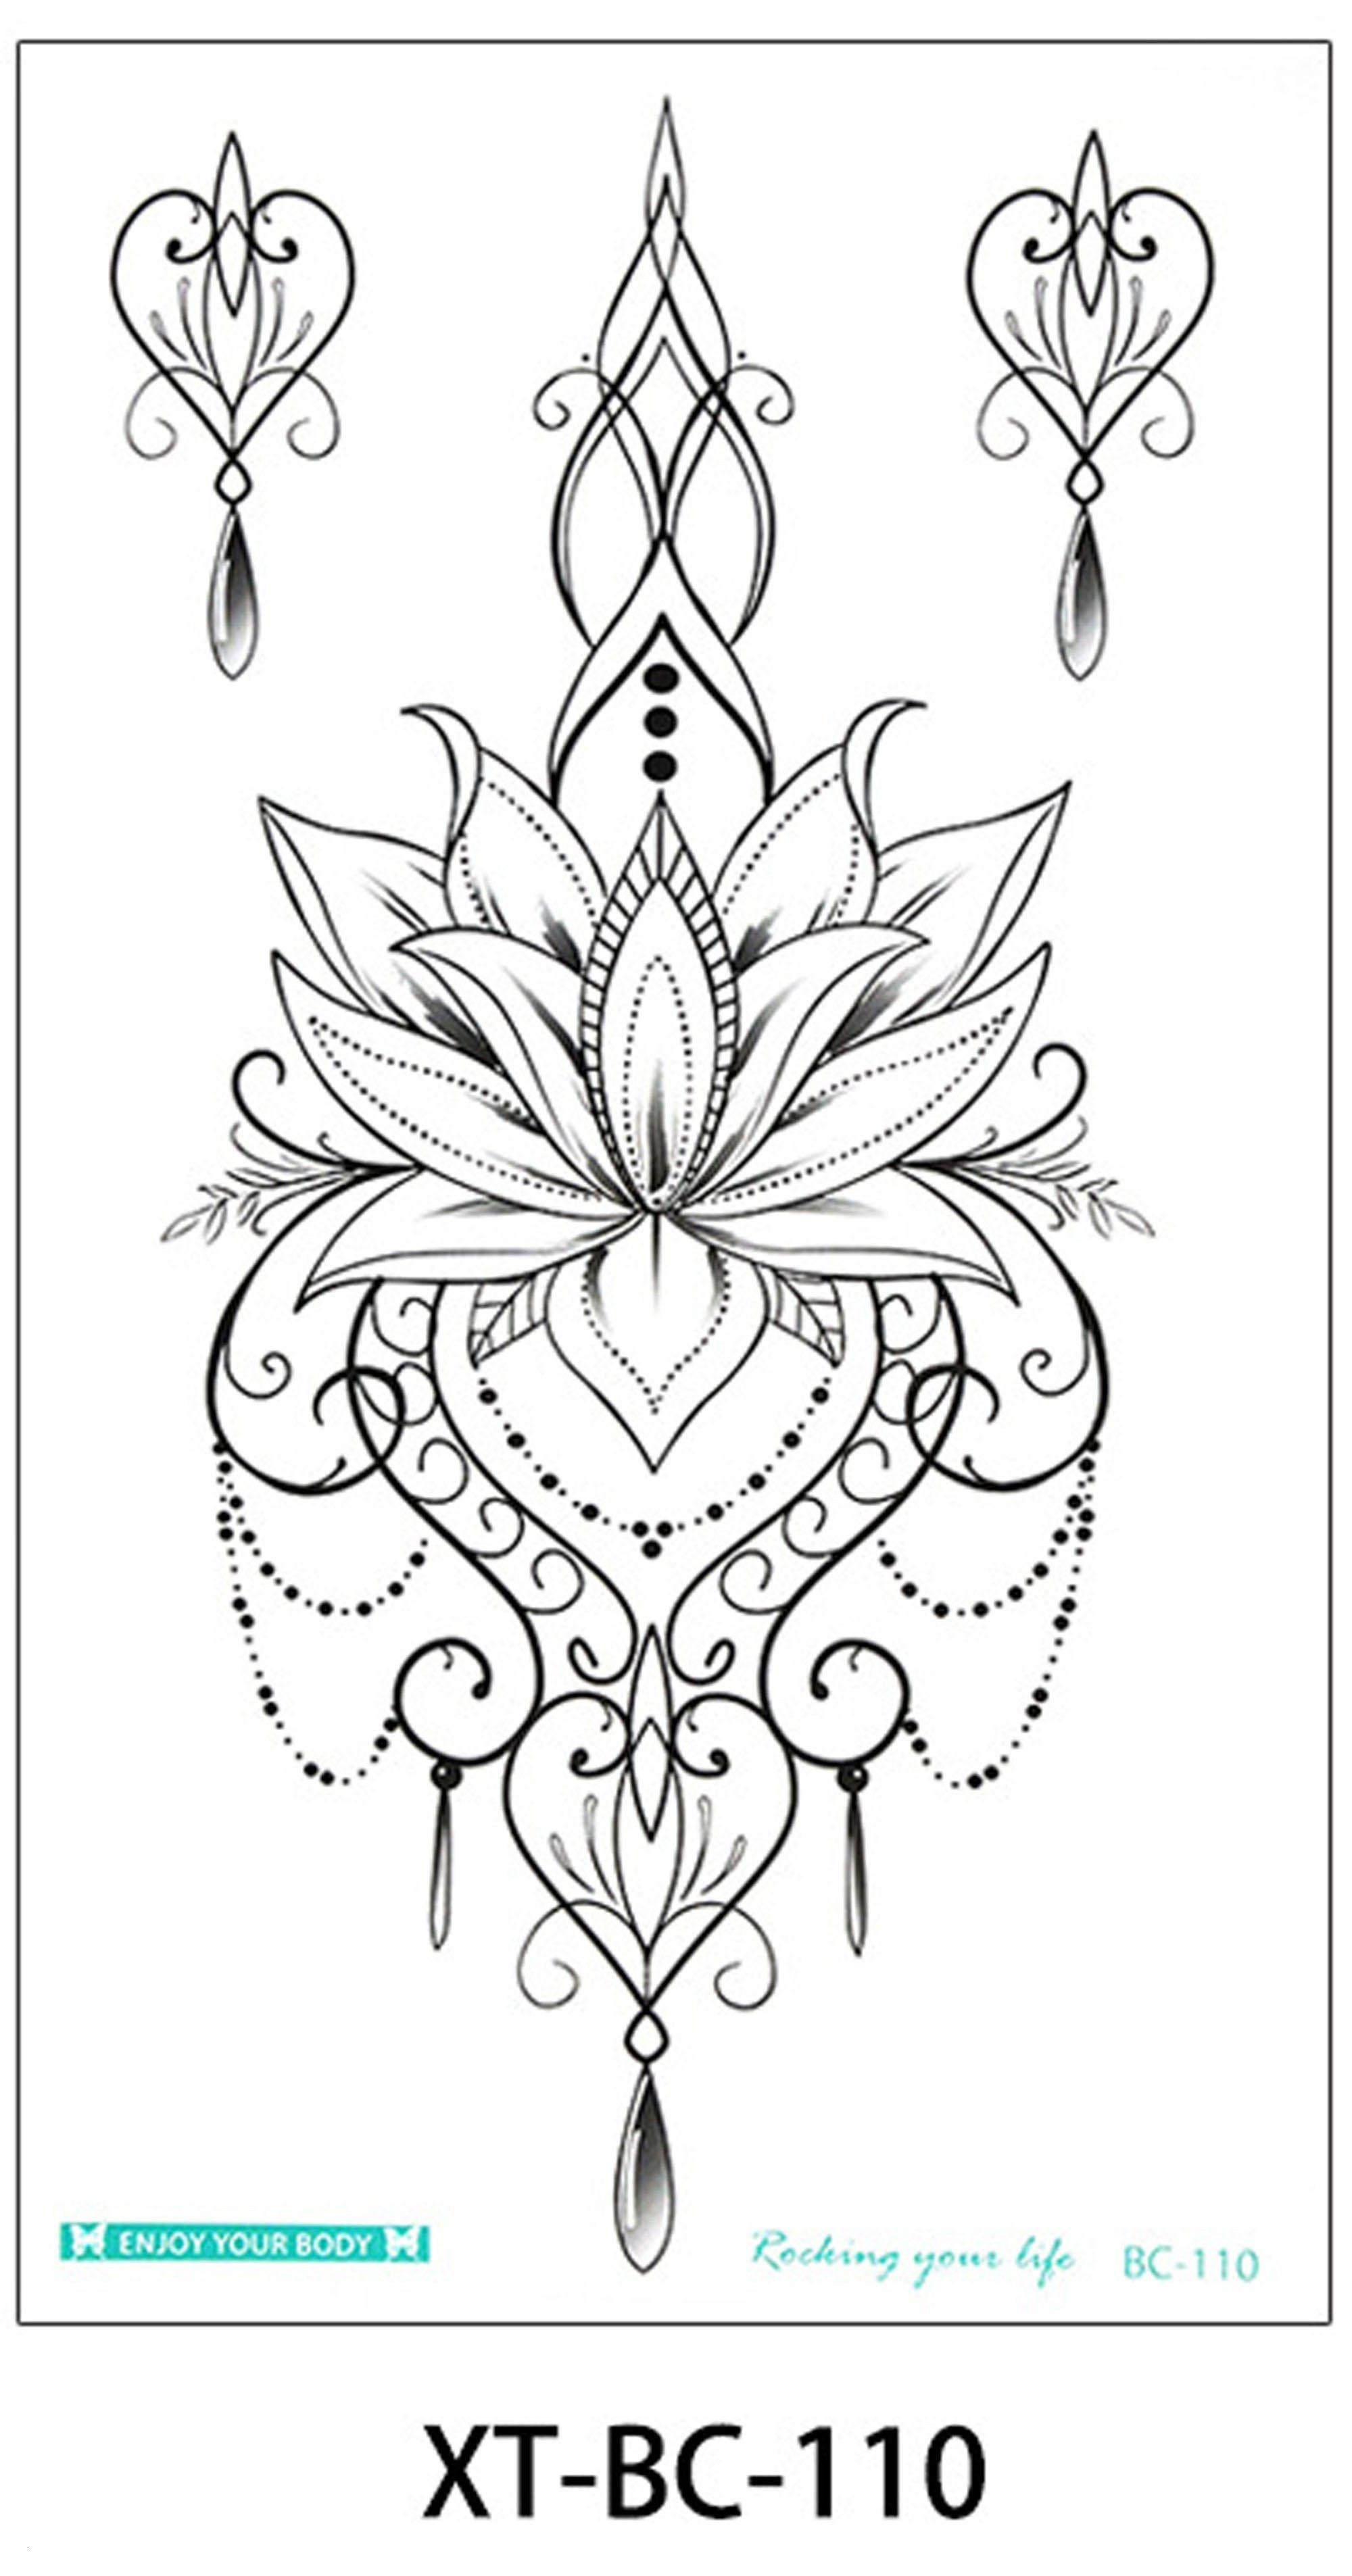 Mandala Zum Ausdrucken Rosen Genial Rosen Ausmalbilder Ausdrucken Lovely Malvorlage Quelle Inspirierend Fotografieren